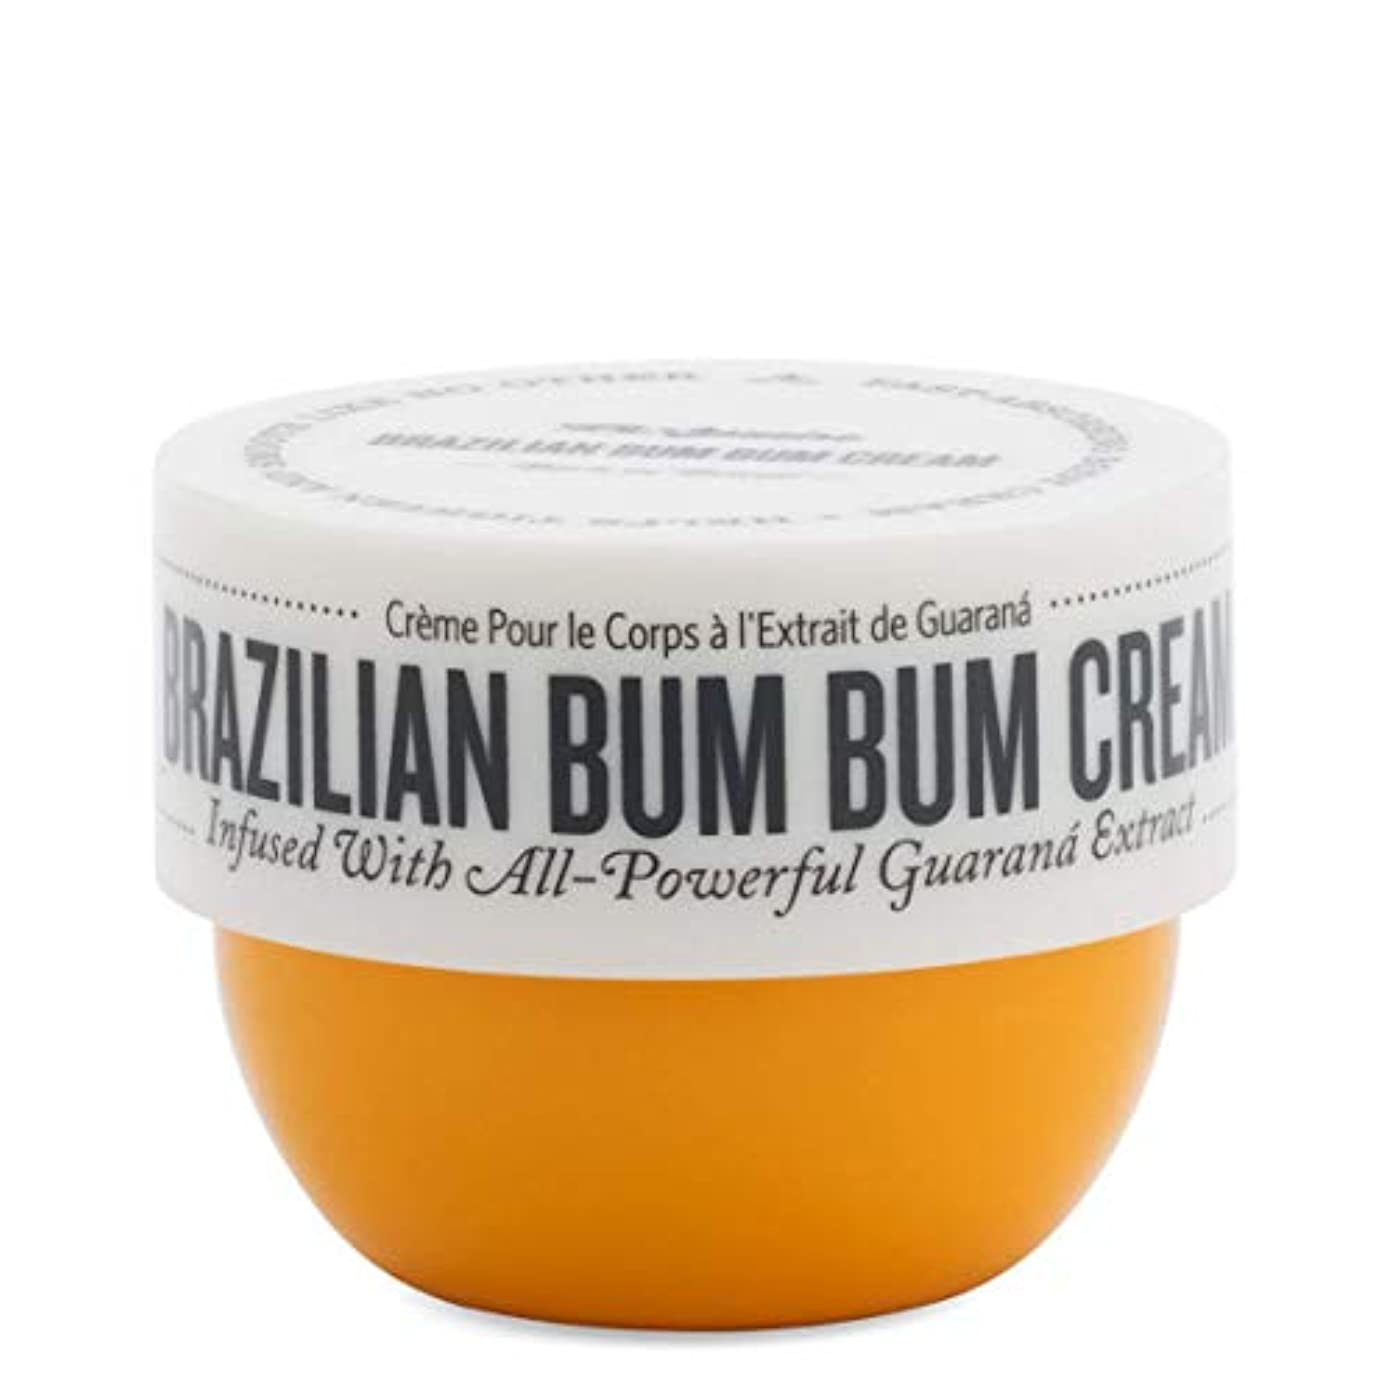 航海のきらきらスカーフ《 ブラジリアン ブンブンクリーム 》Brazilian BUM BUM Cream (240ml)